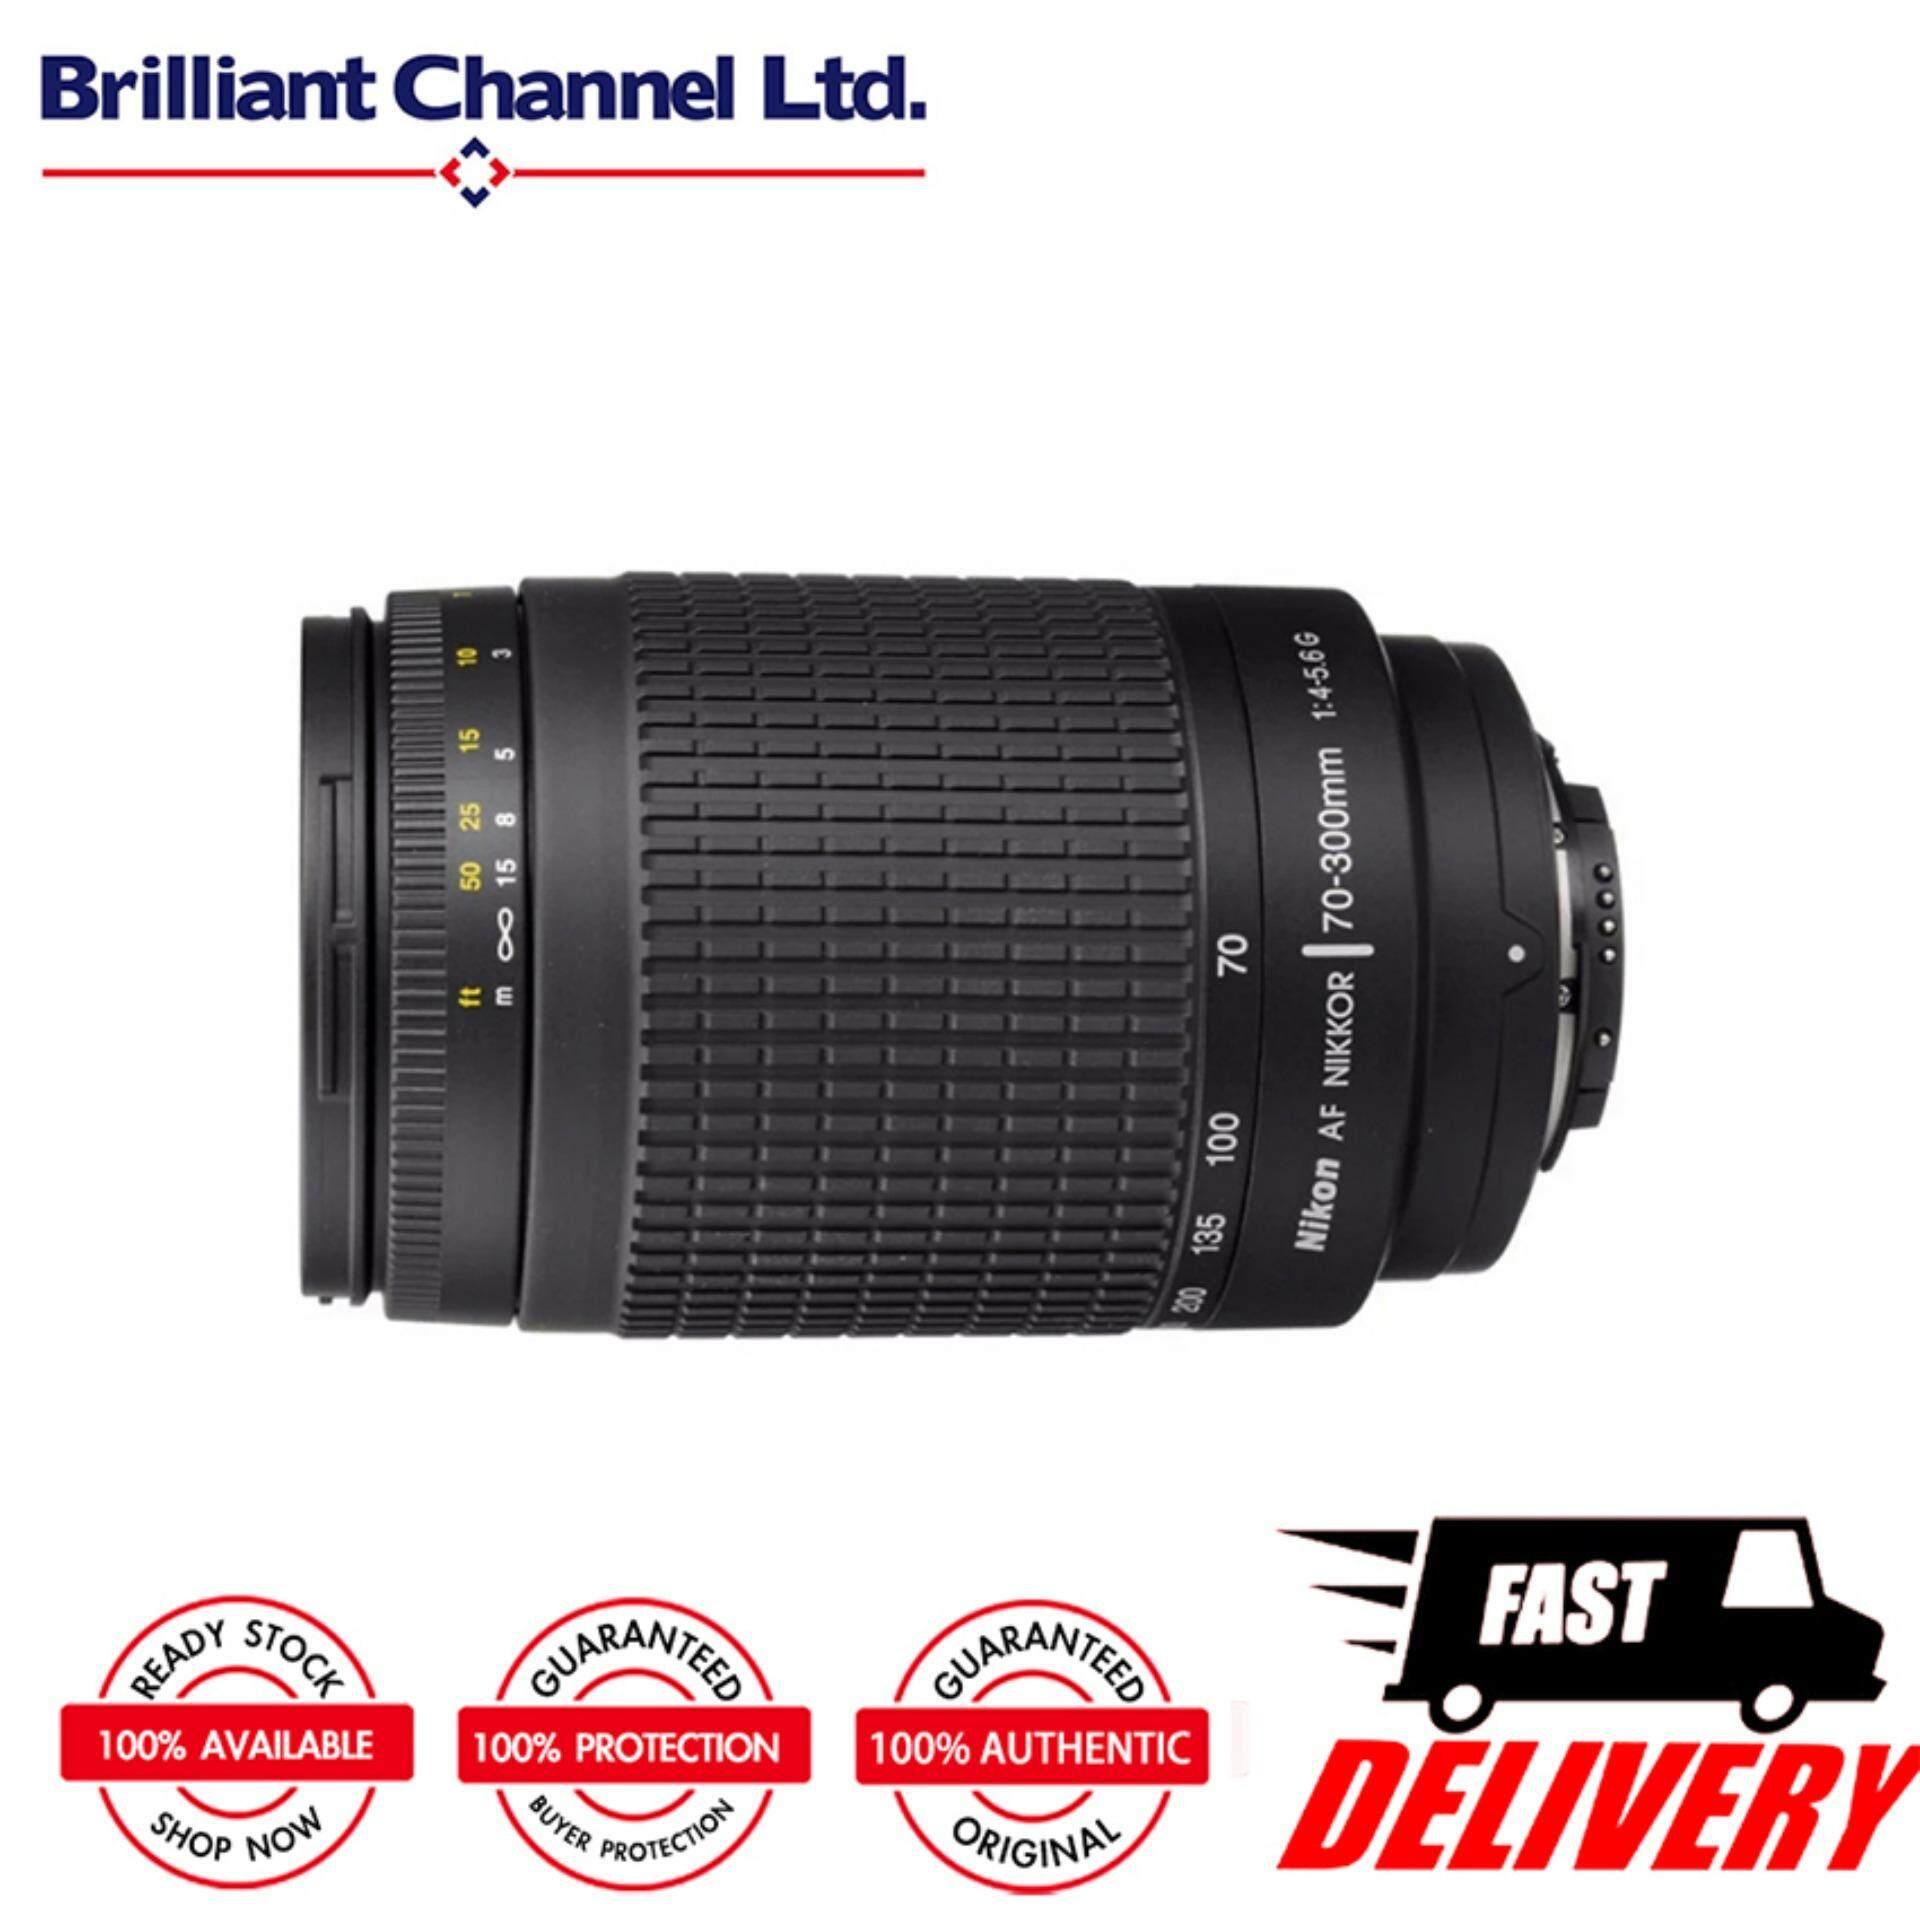 ซื้อ Nikon Af Zoom Nikkor 70 300Mm F 4 5 6G Lens ใน ฮ่องกง